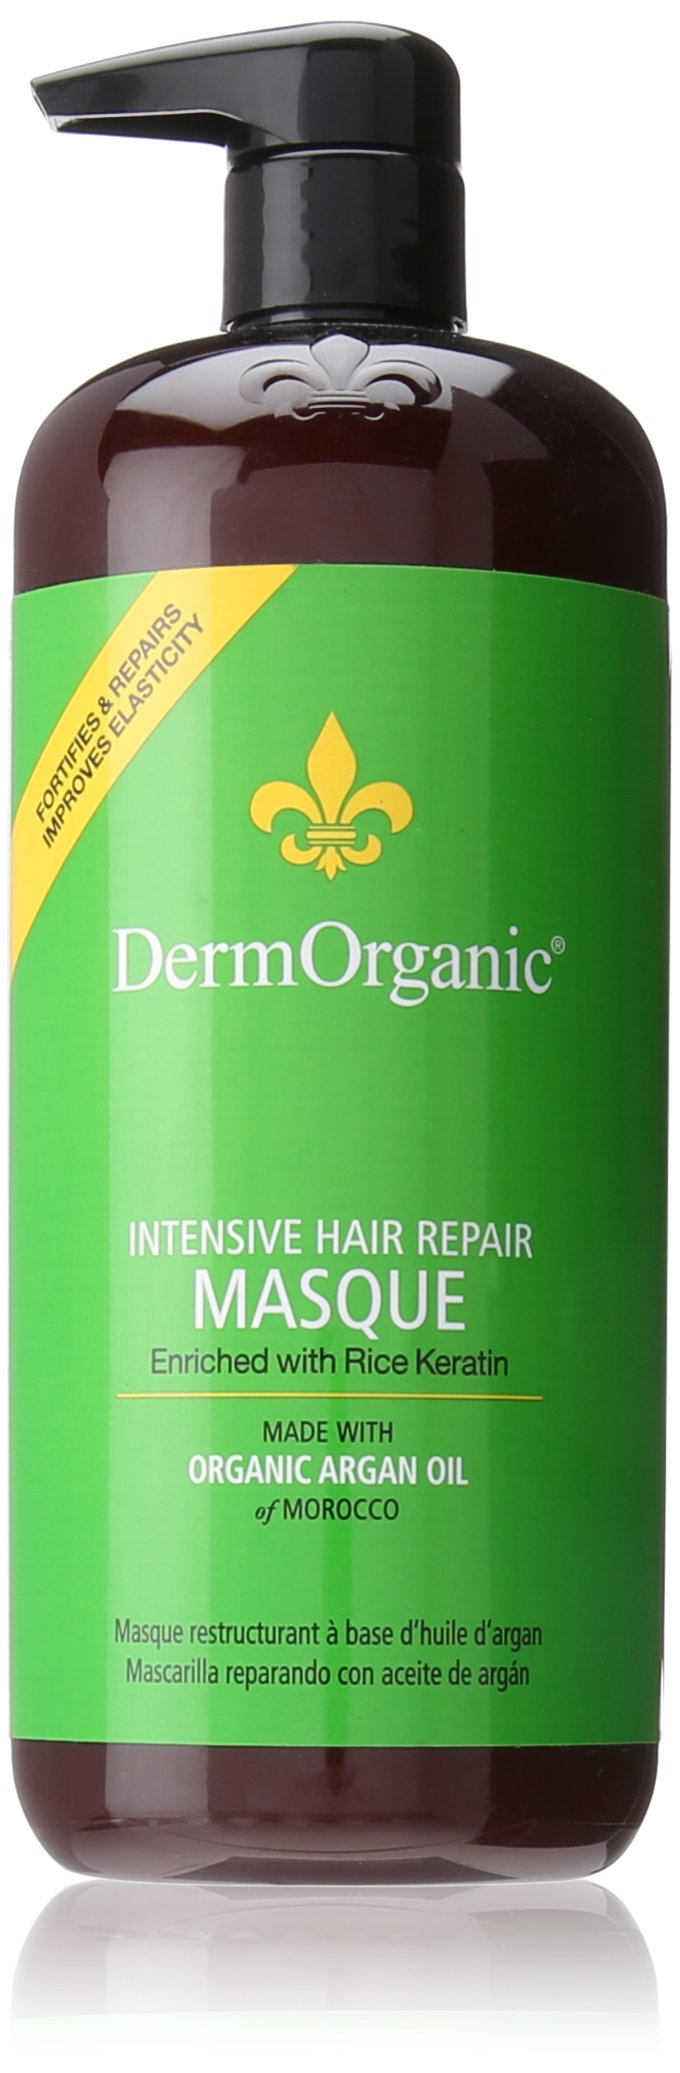 DermOrganic Intensive Hair Repair Deep Masque with Argan Oil, 33.8 fl.oz.